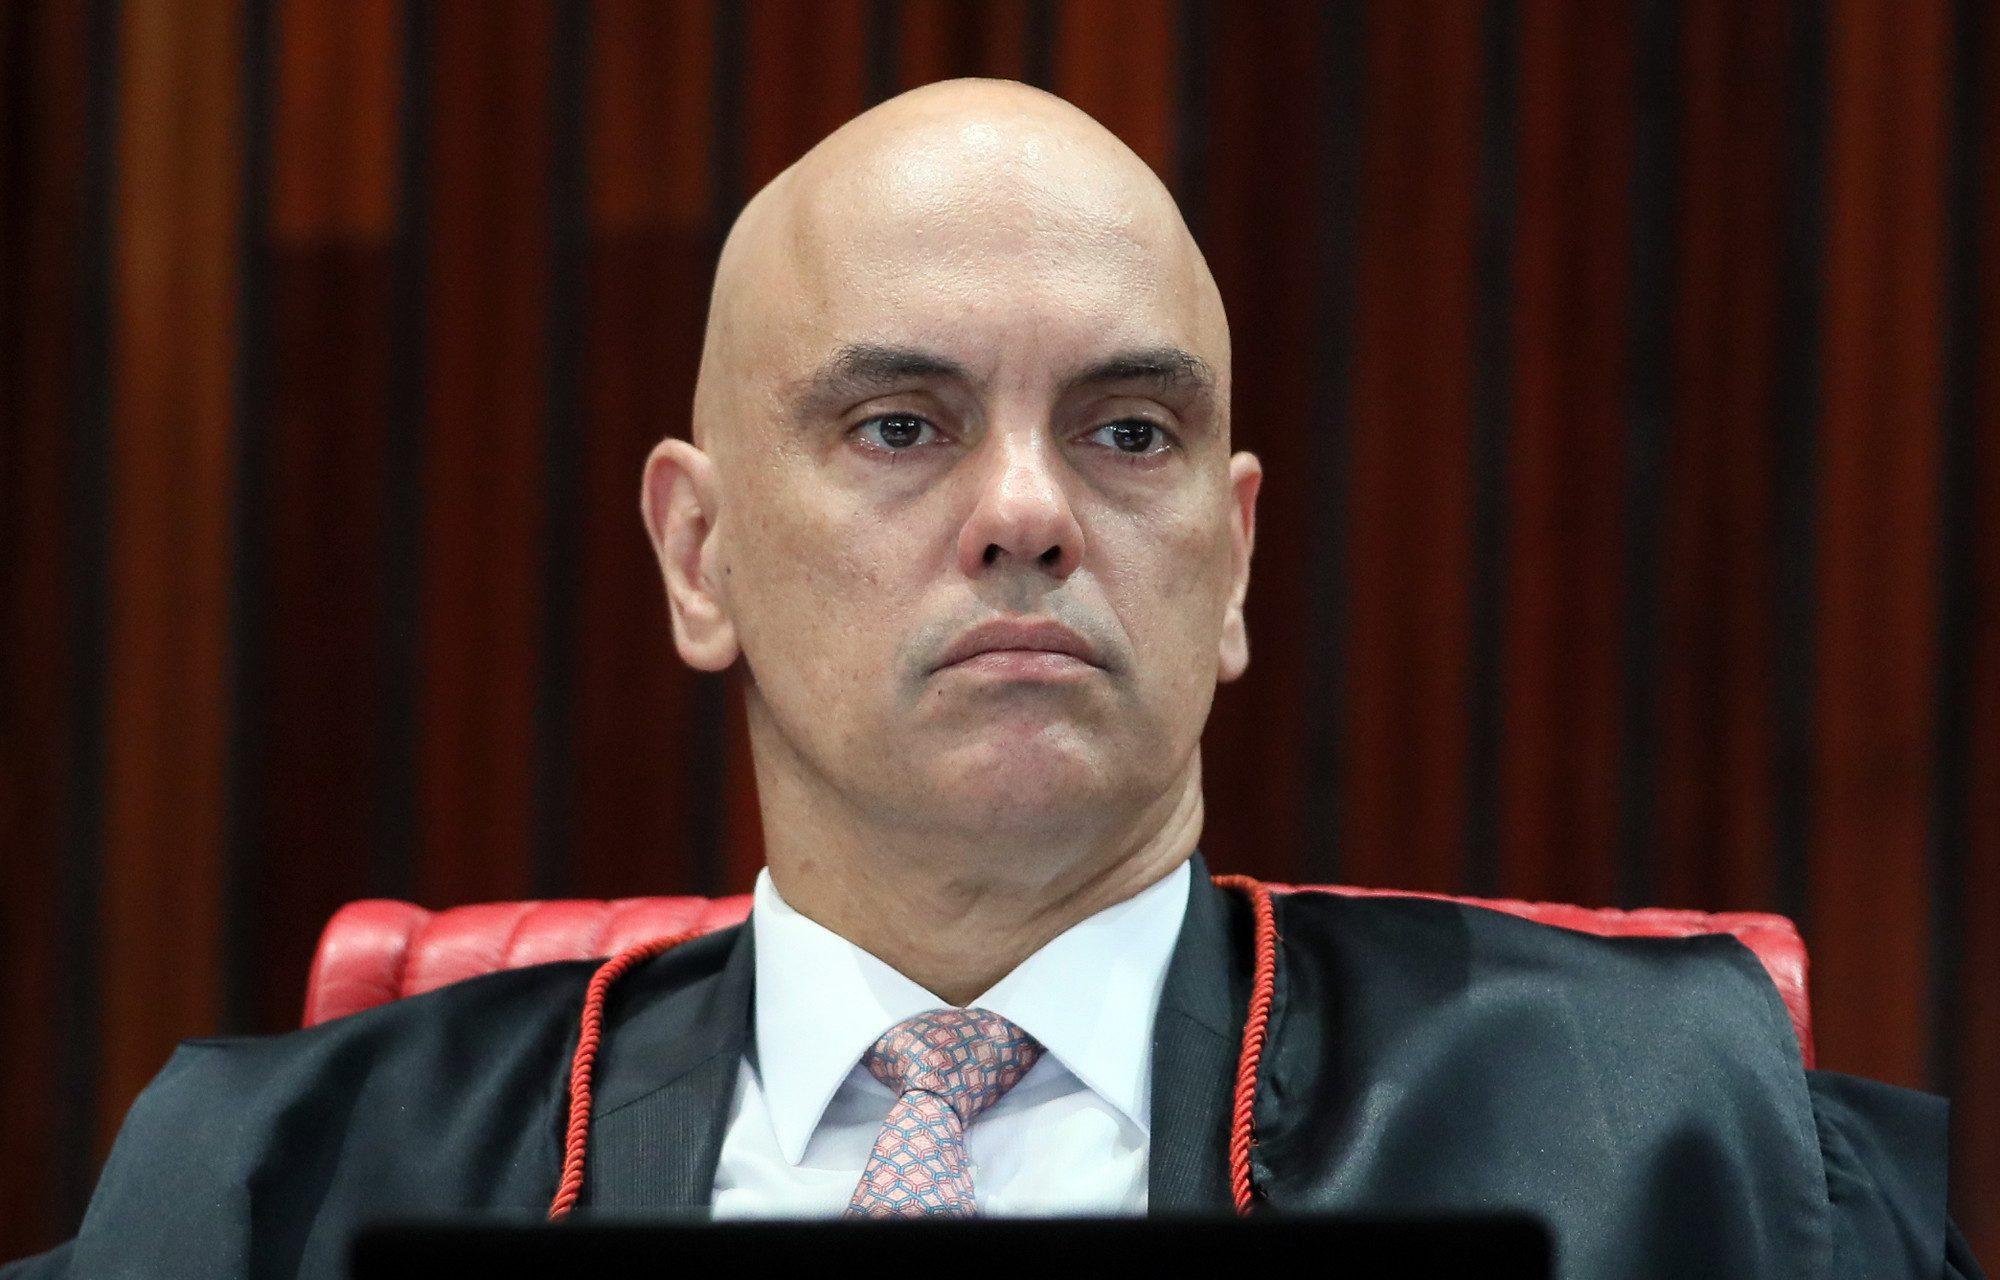 ALEXANDRE-DE-MORAIS Planalto protocola pedido de impeachment de Alexandre de Moraes no Senado